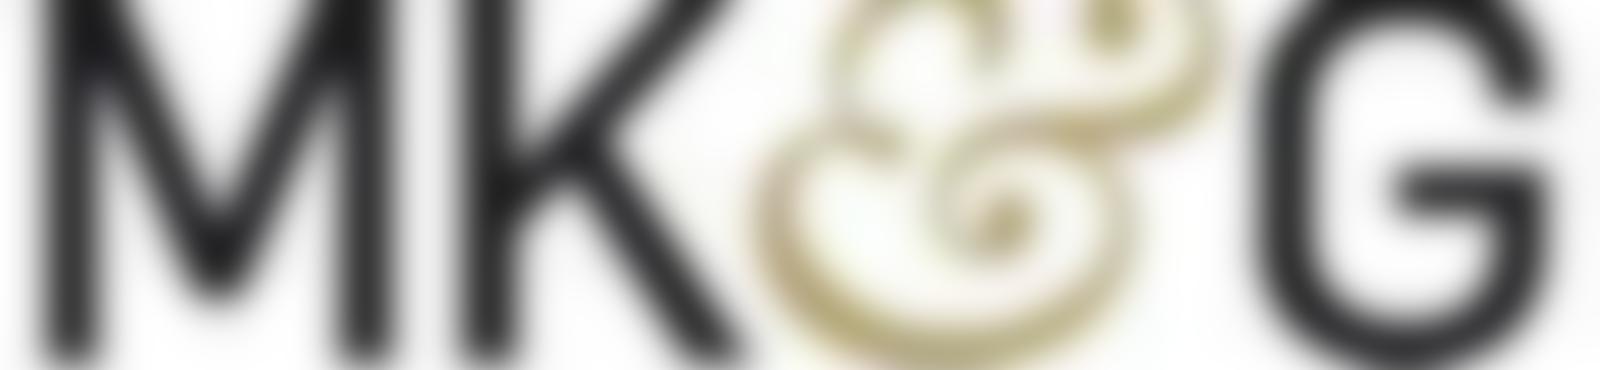 Blurred 249211 10151354721173506 784884036 n